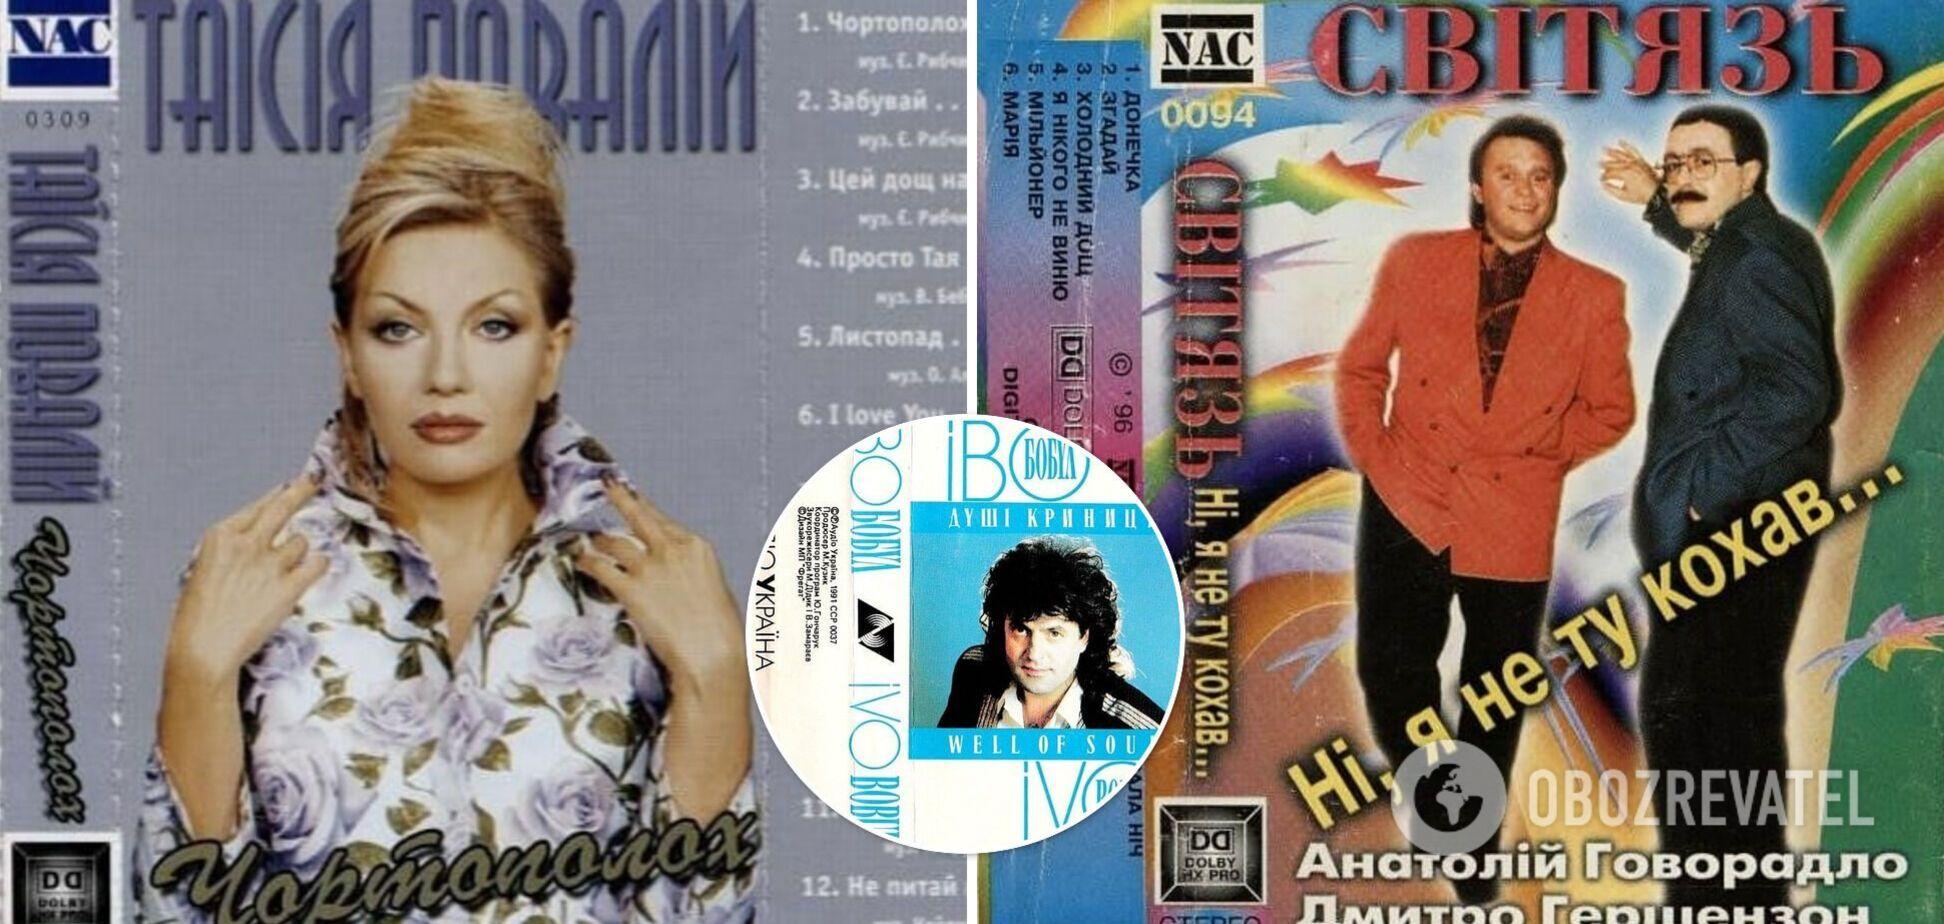 Легенды украинской эстрады на кассетах 90-х